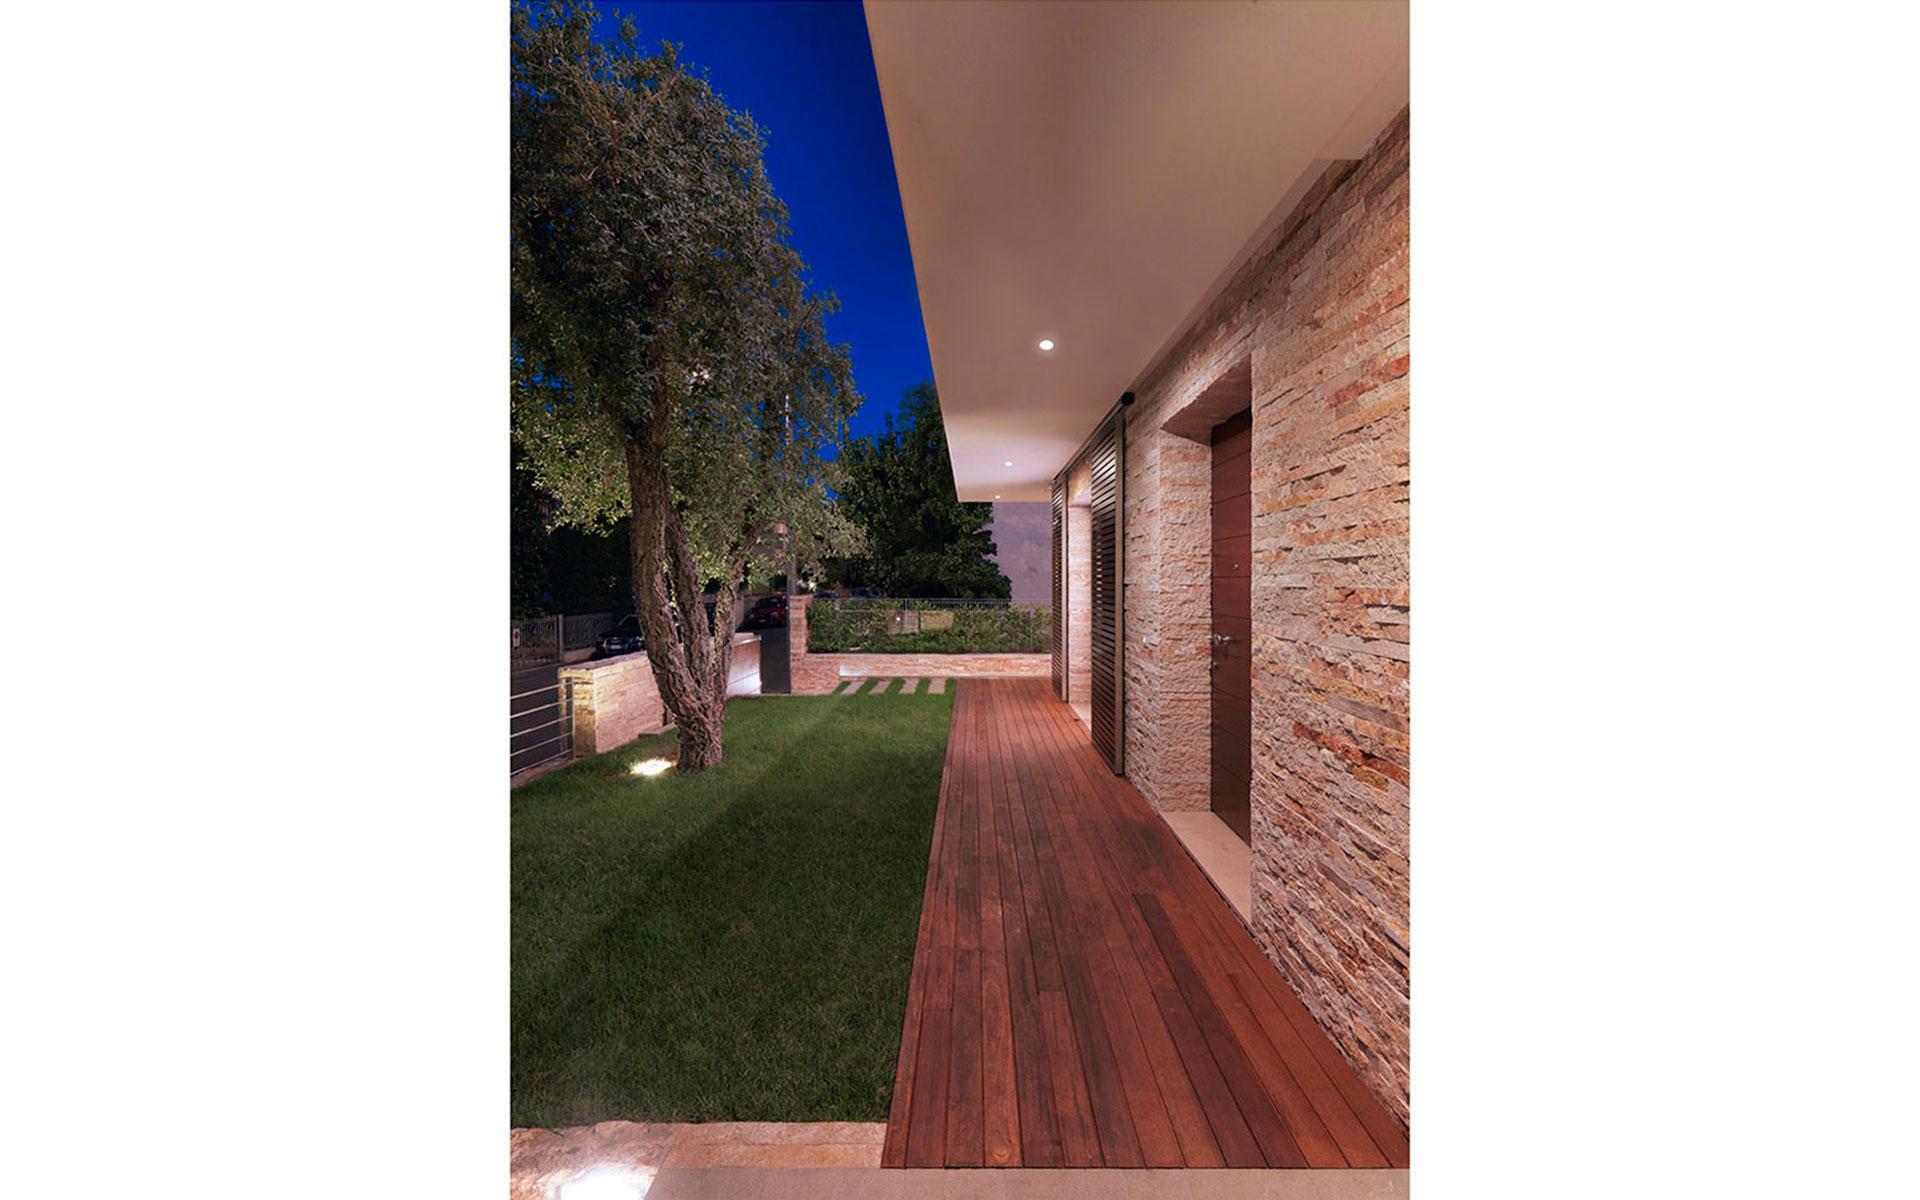 archinow_RGR_-residenza-privata-rimini_10